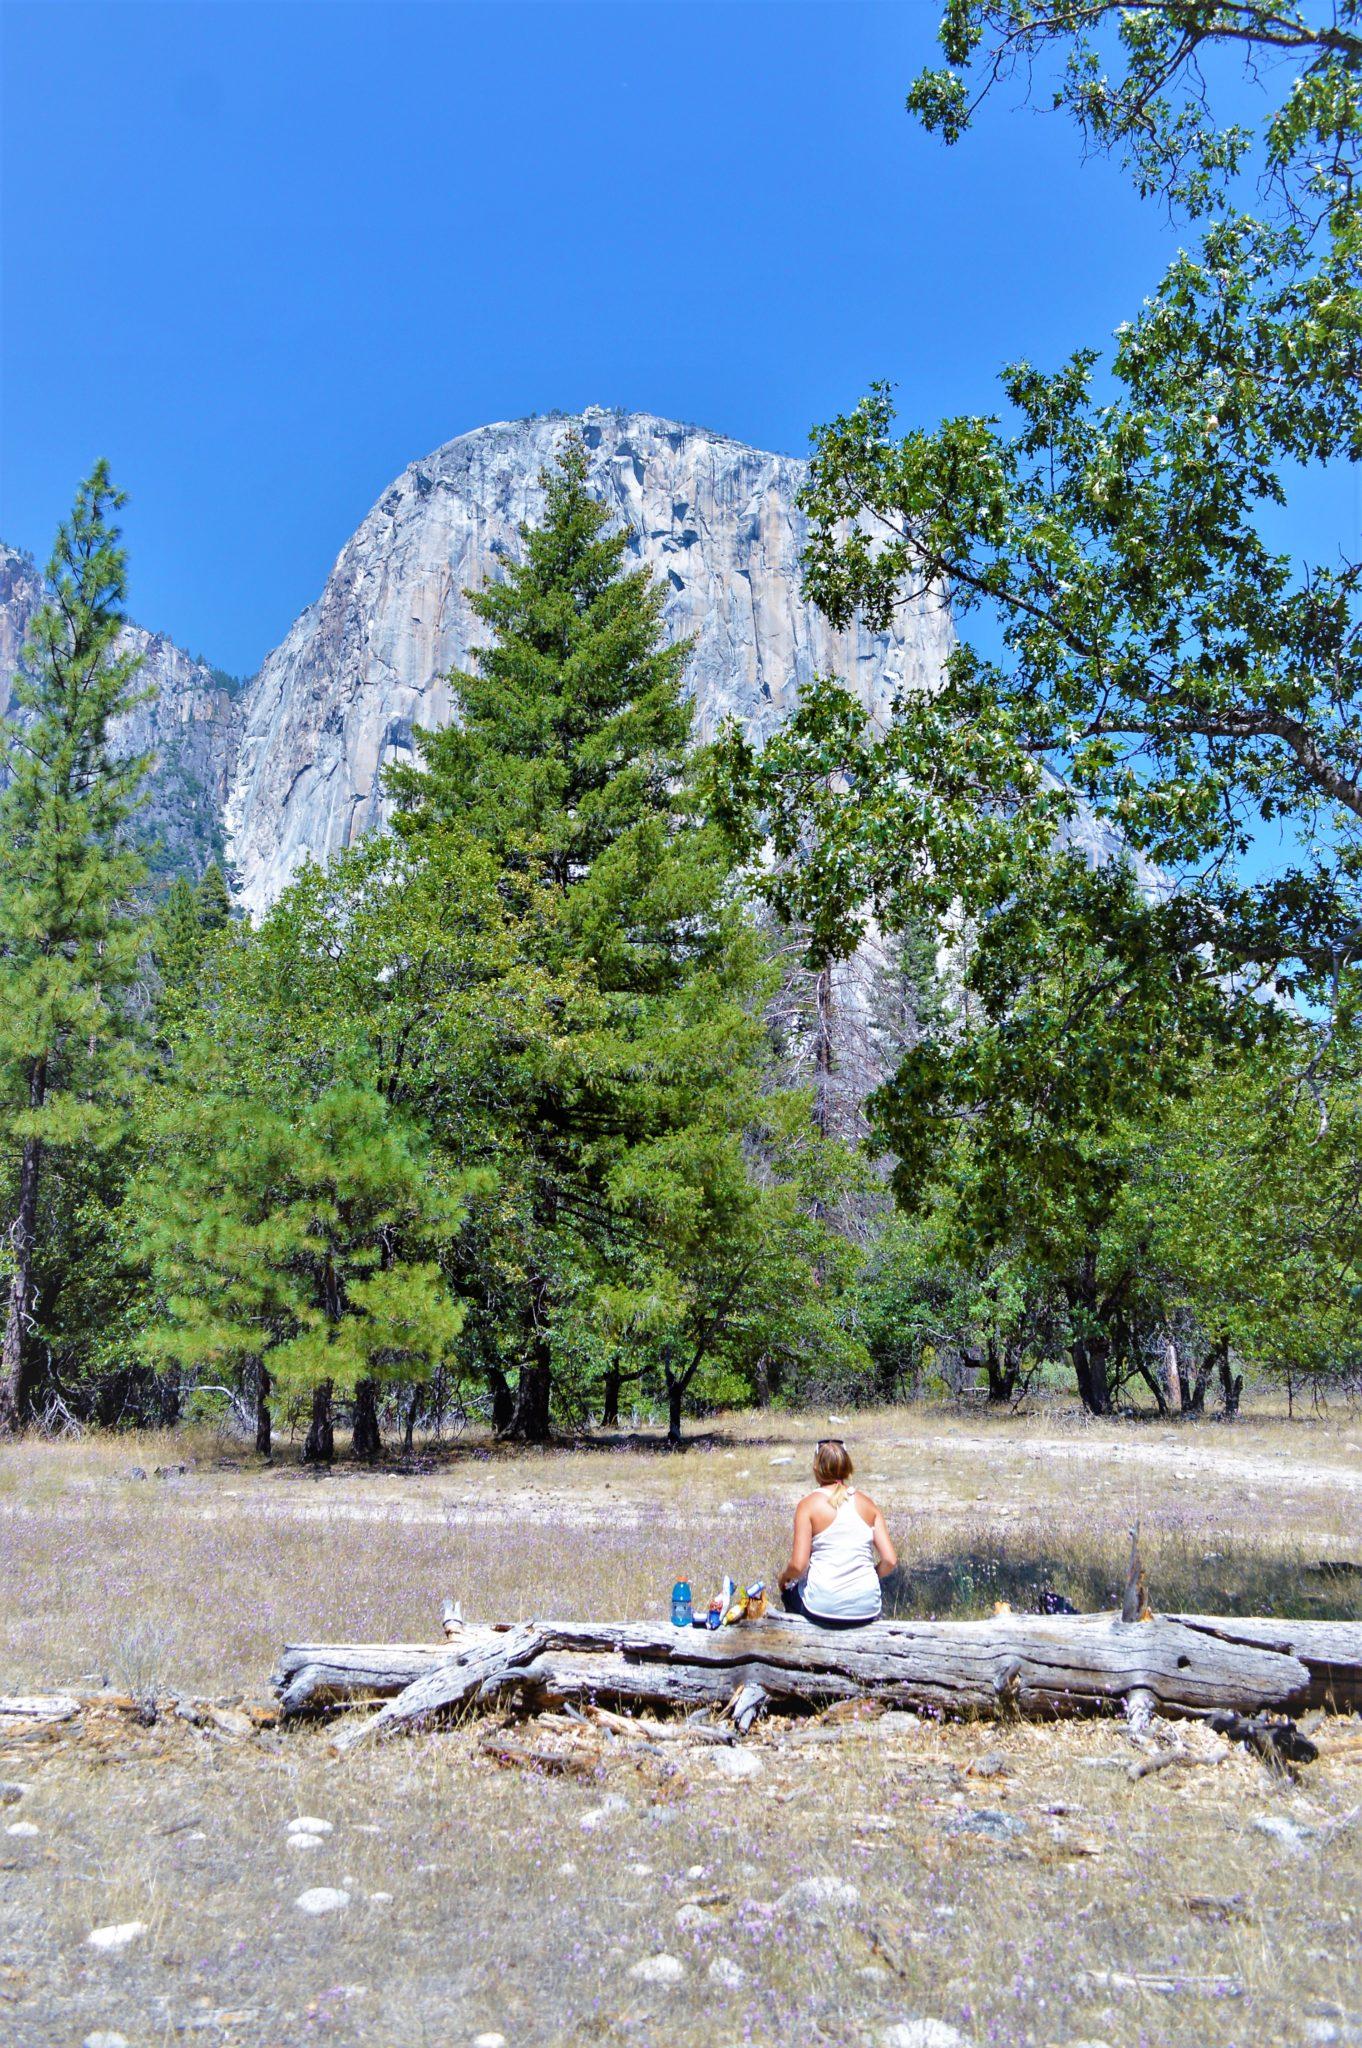 Picnic at El Capitan mountain, Yosemite National Park, things to do at yosemite